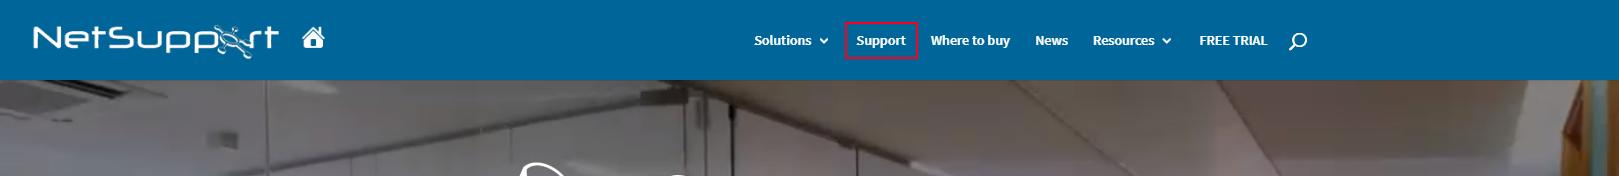 1.サポートページへアクセス(NetSupport社ホームページ)